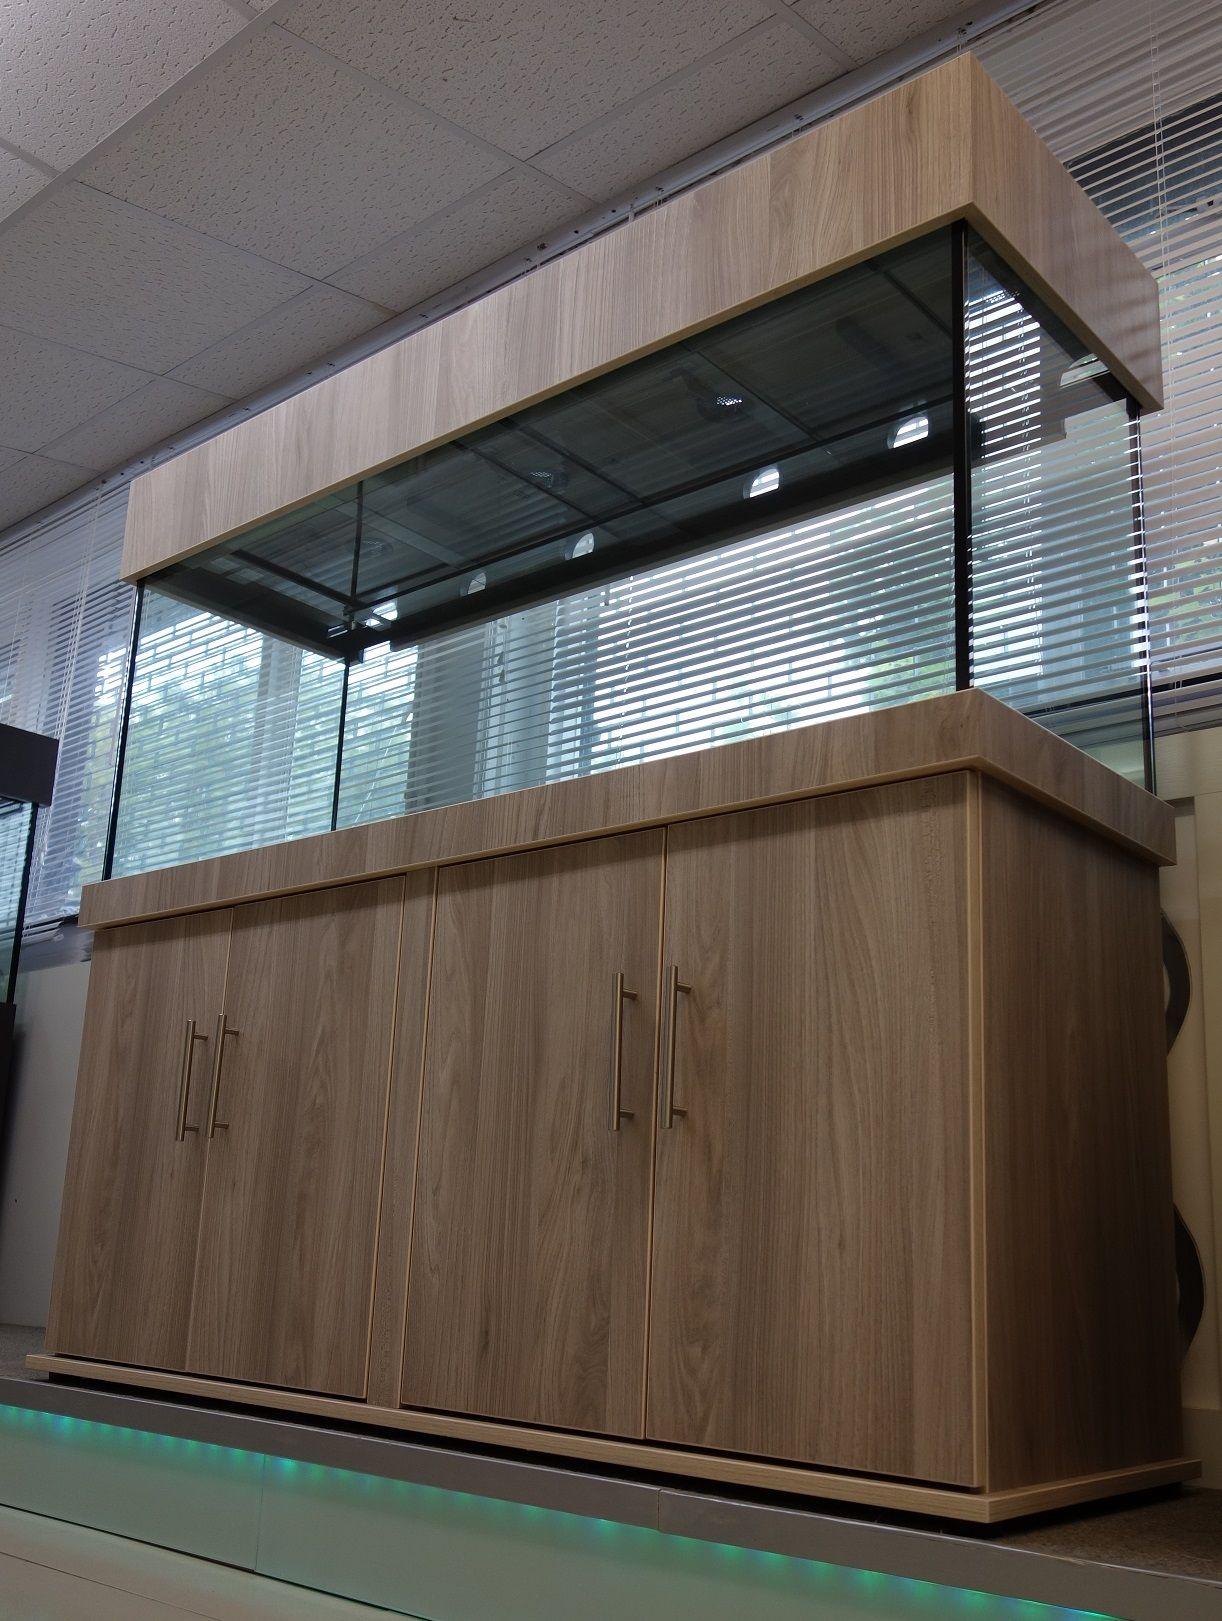 Aquarium fish tank manufacturers - Tropical Aquarium 60x24x18 Classic Cabinet Design In Natural Touch Finish From Custom Fish Tank Manufacturer Prime